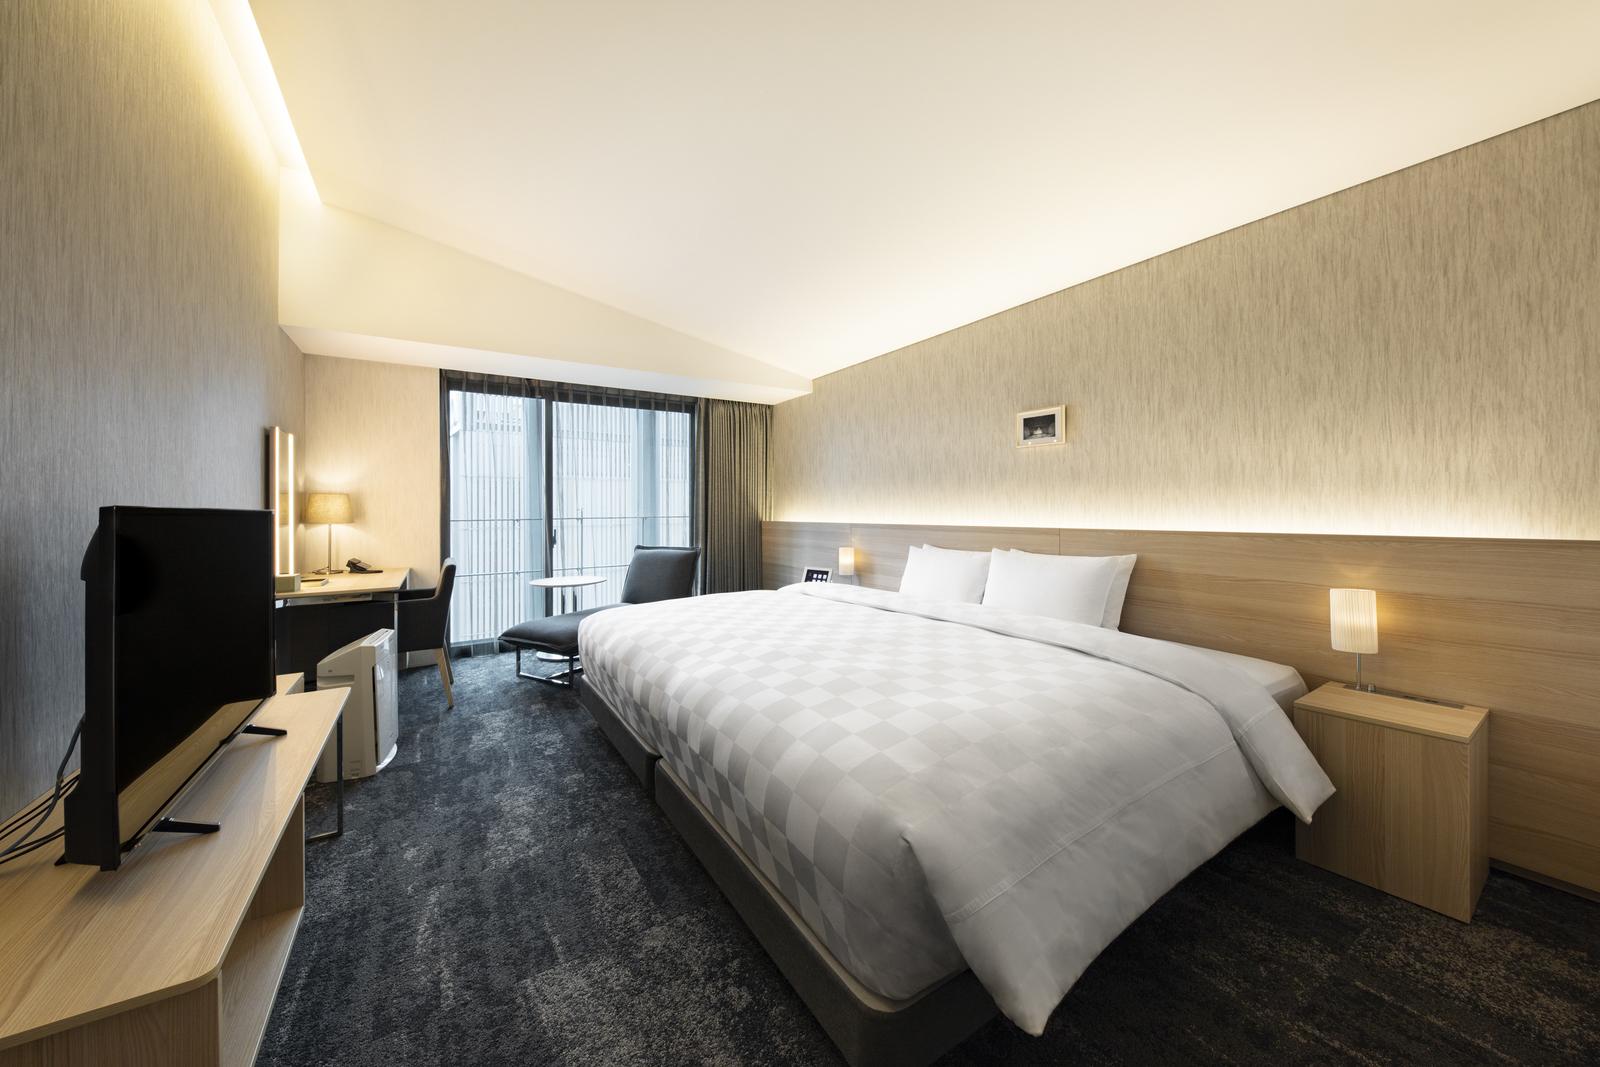 ホテルロイヤルクラシック大阪 / 【ハリウッドツイン確約】広々ベッドでゆったりステイプラン(朝食付き)